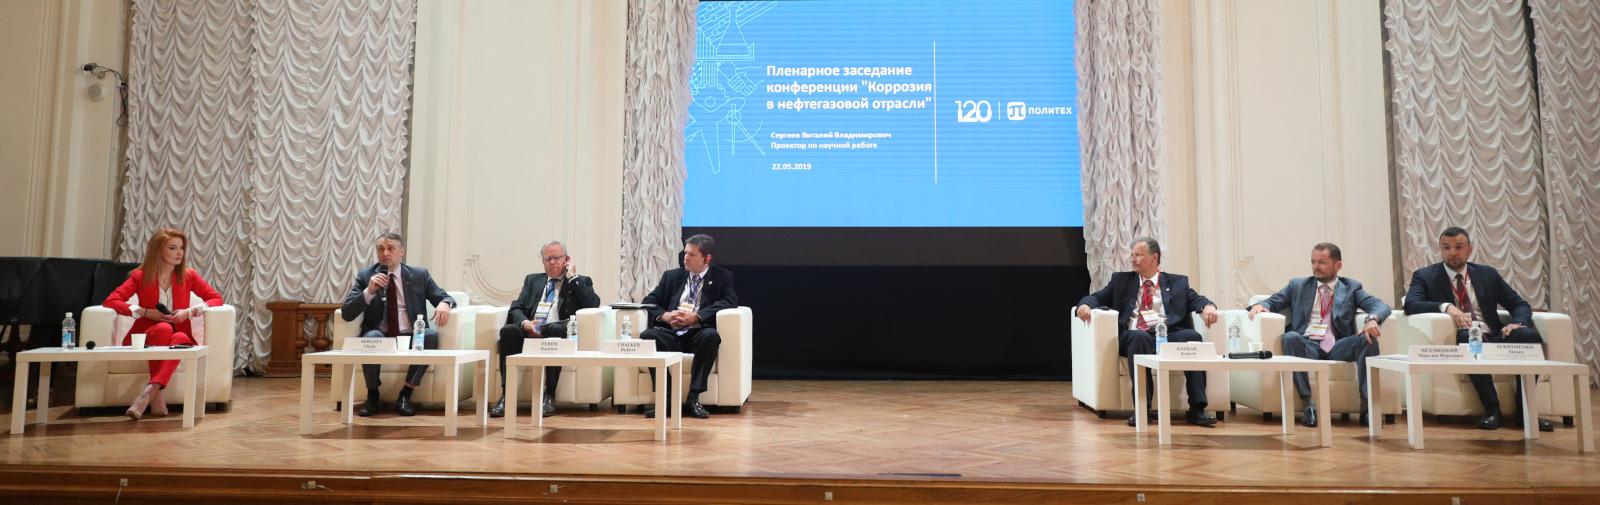 В СПбПУ прошла первая в России Международная конференция «Коррозия в нефтегазовой отрасли»